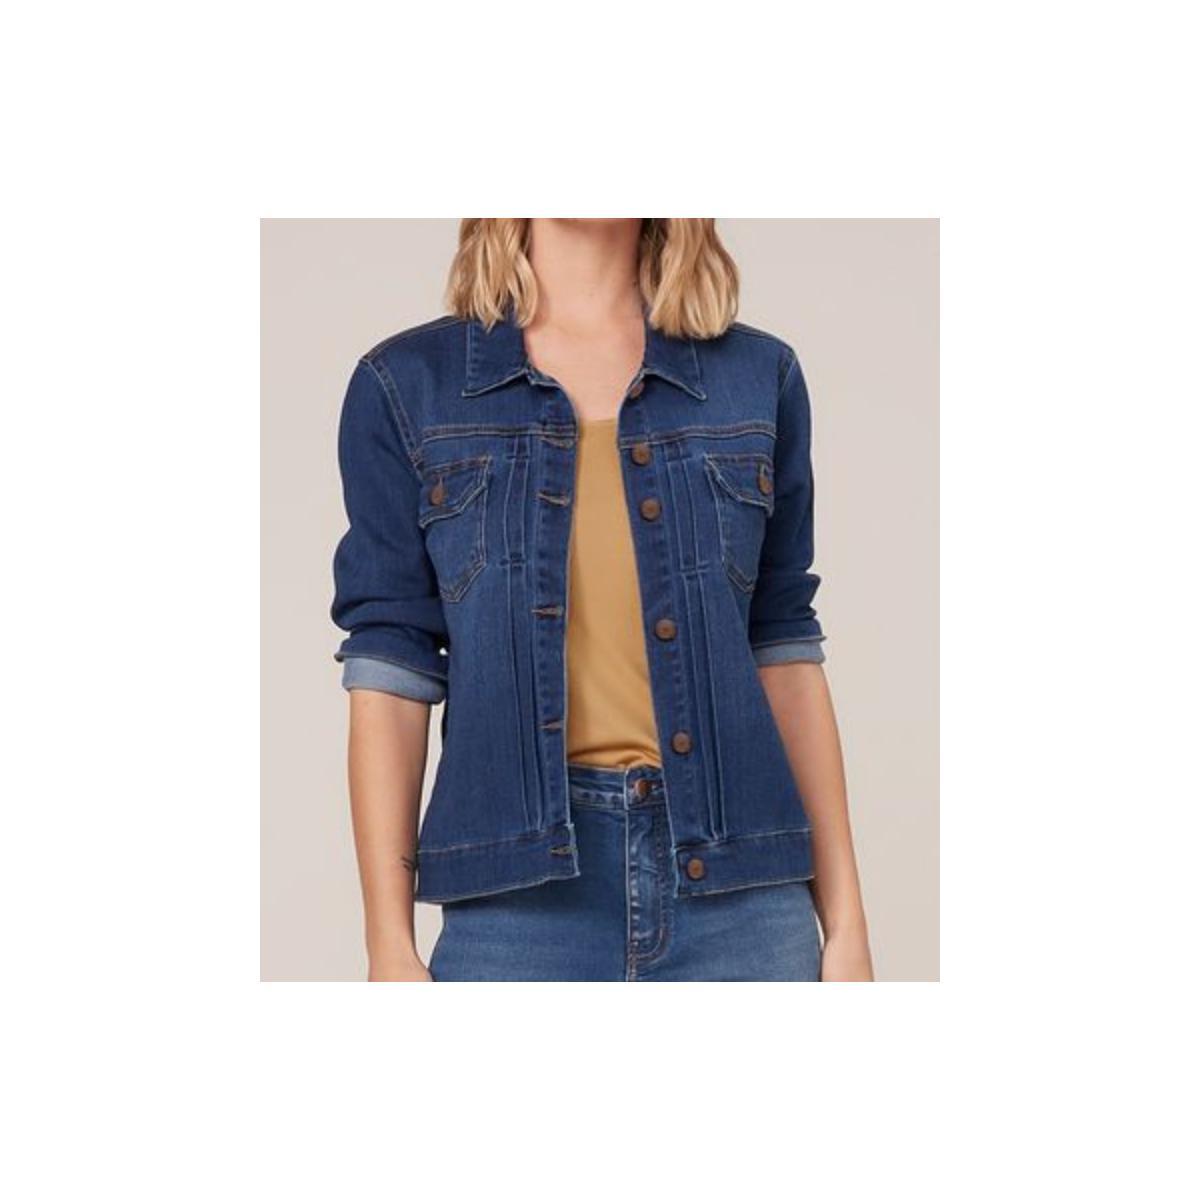 Jaqueta Feminina Dzarm Z8kq 1asn  Jeans